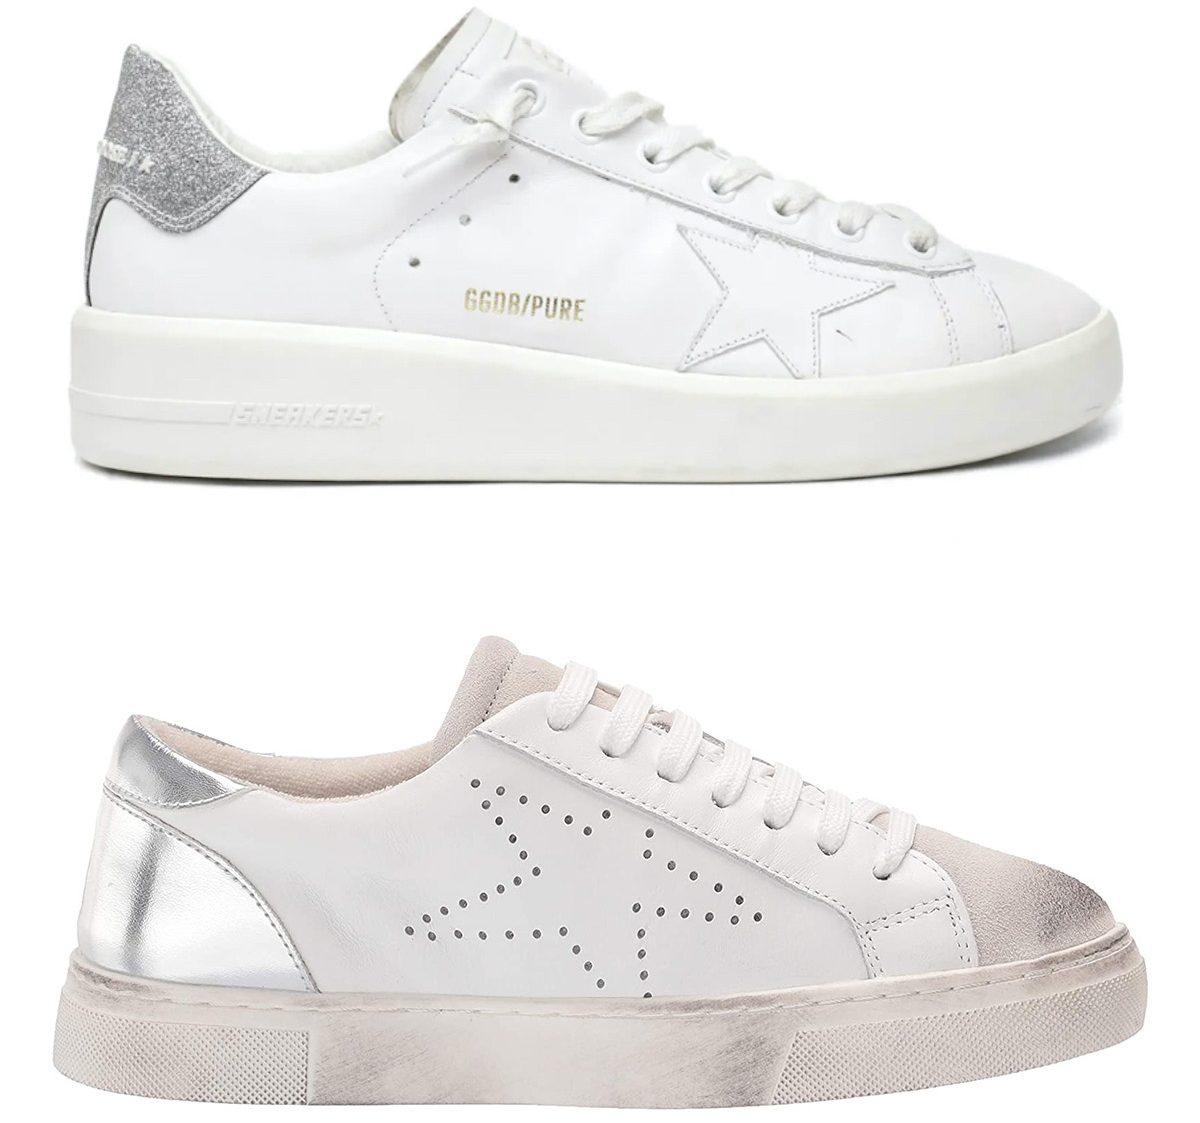 golden goose sneaker compared to steven madden sneaker